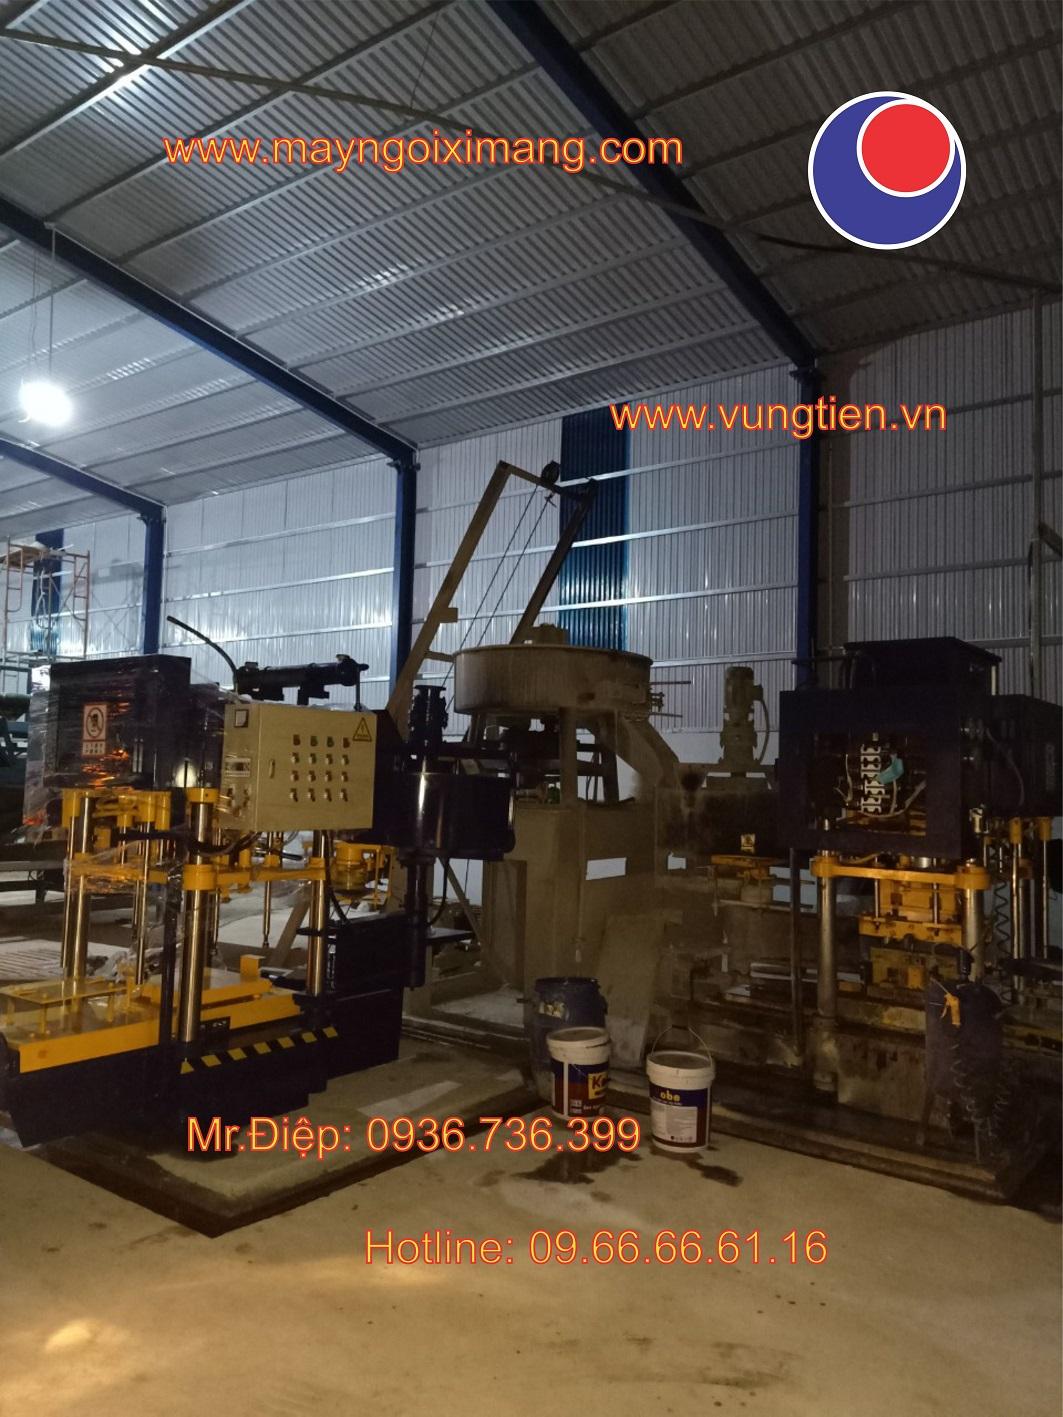 Lắp ráp máy ngói xi măng tháng 022020